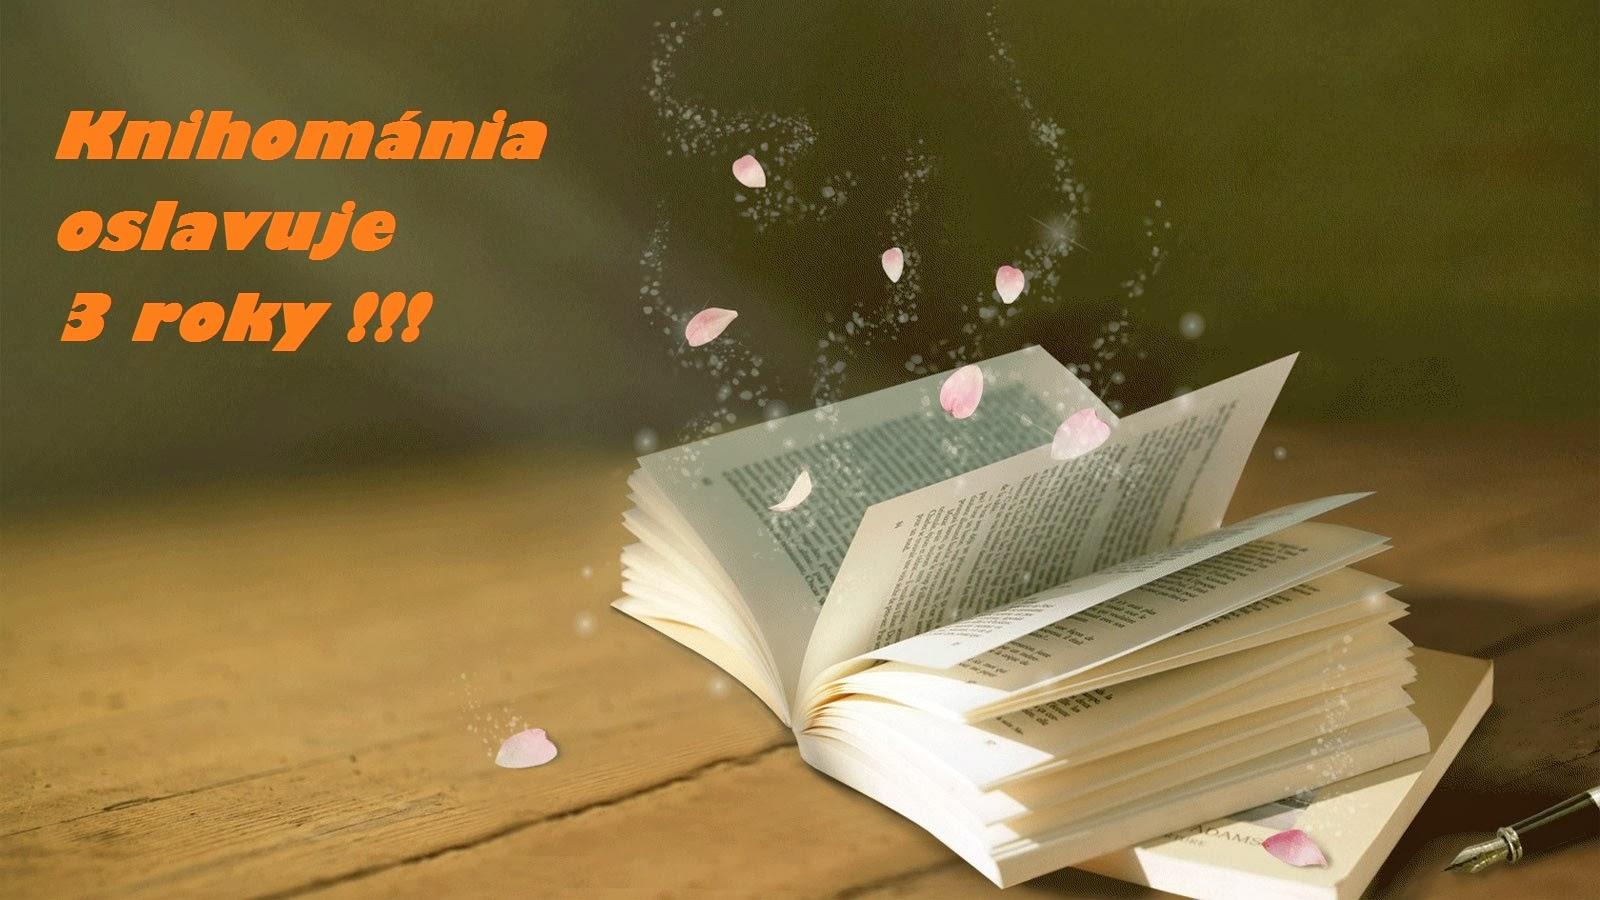 Knihománia oslavuje 3 roky !!! - výherca